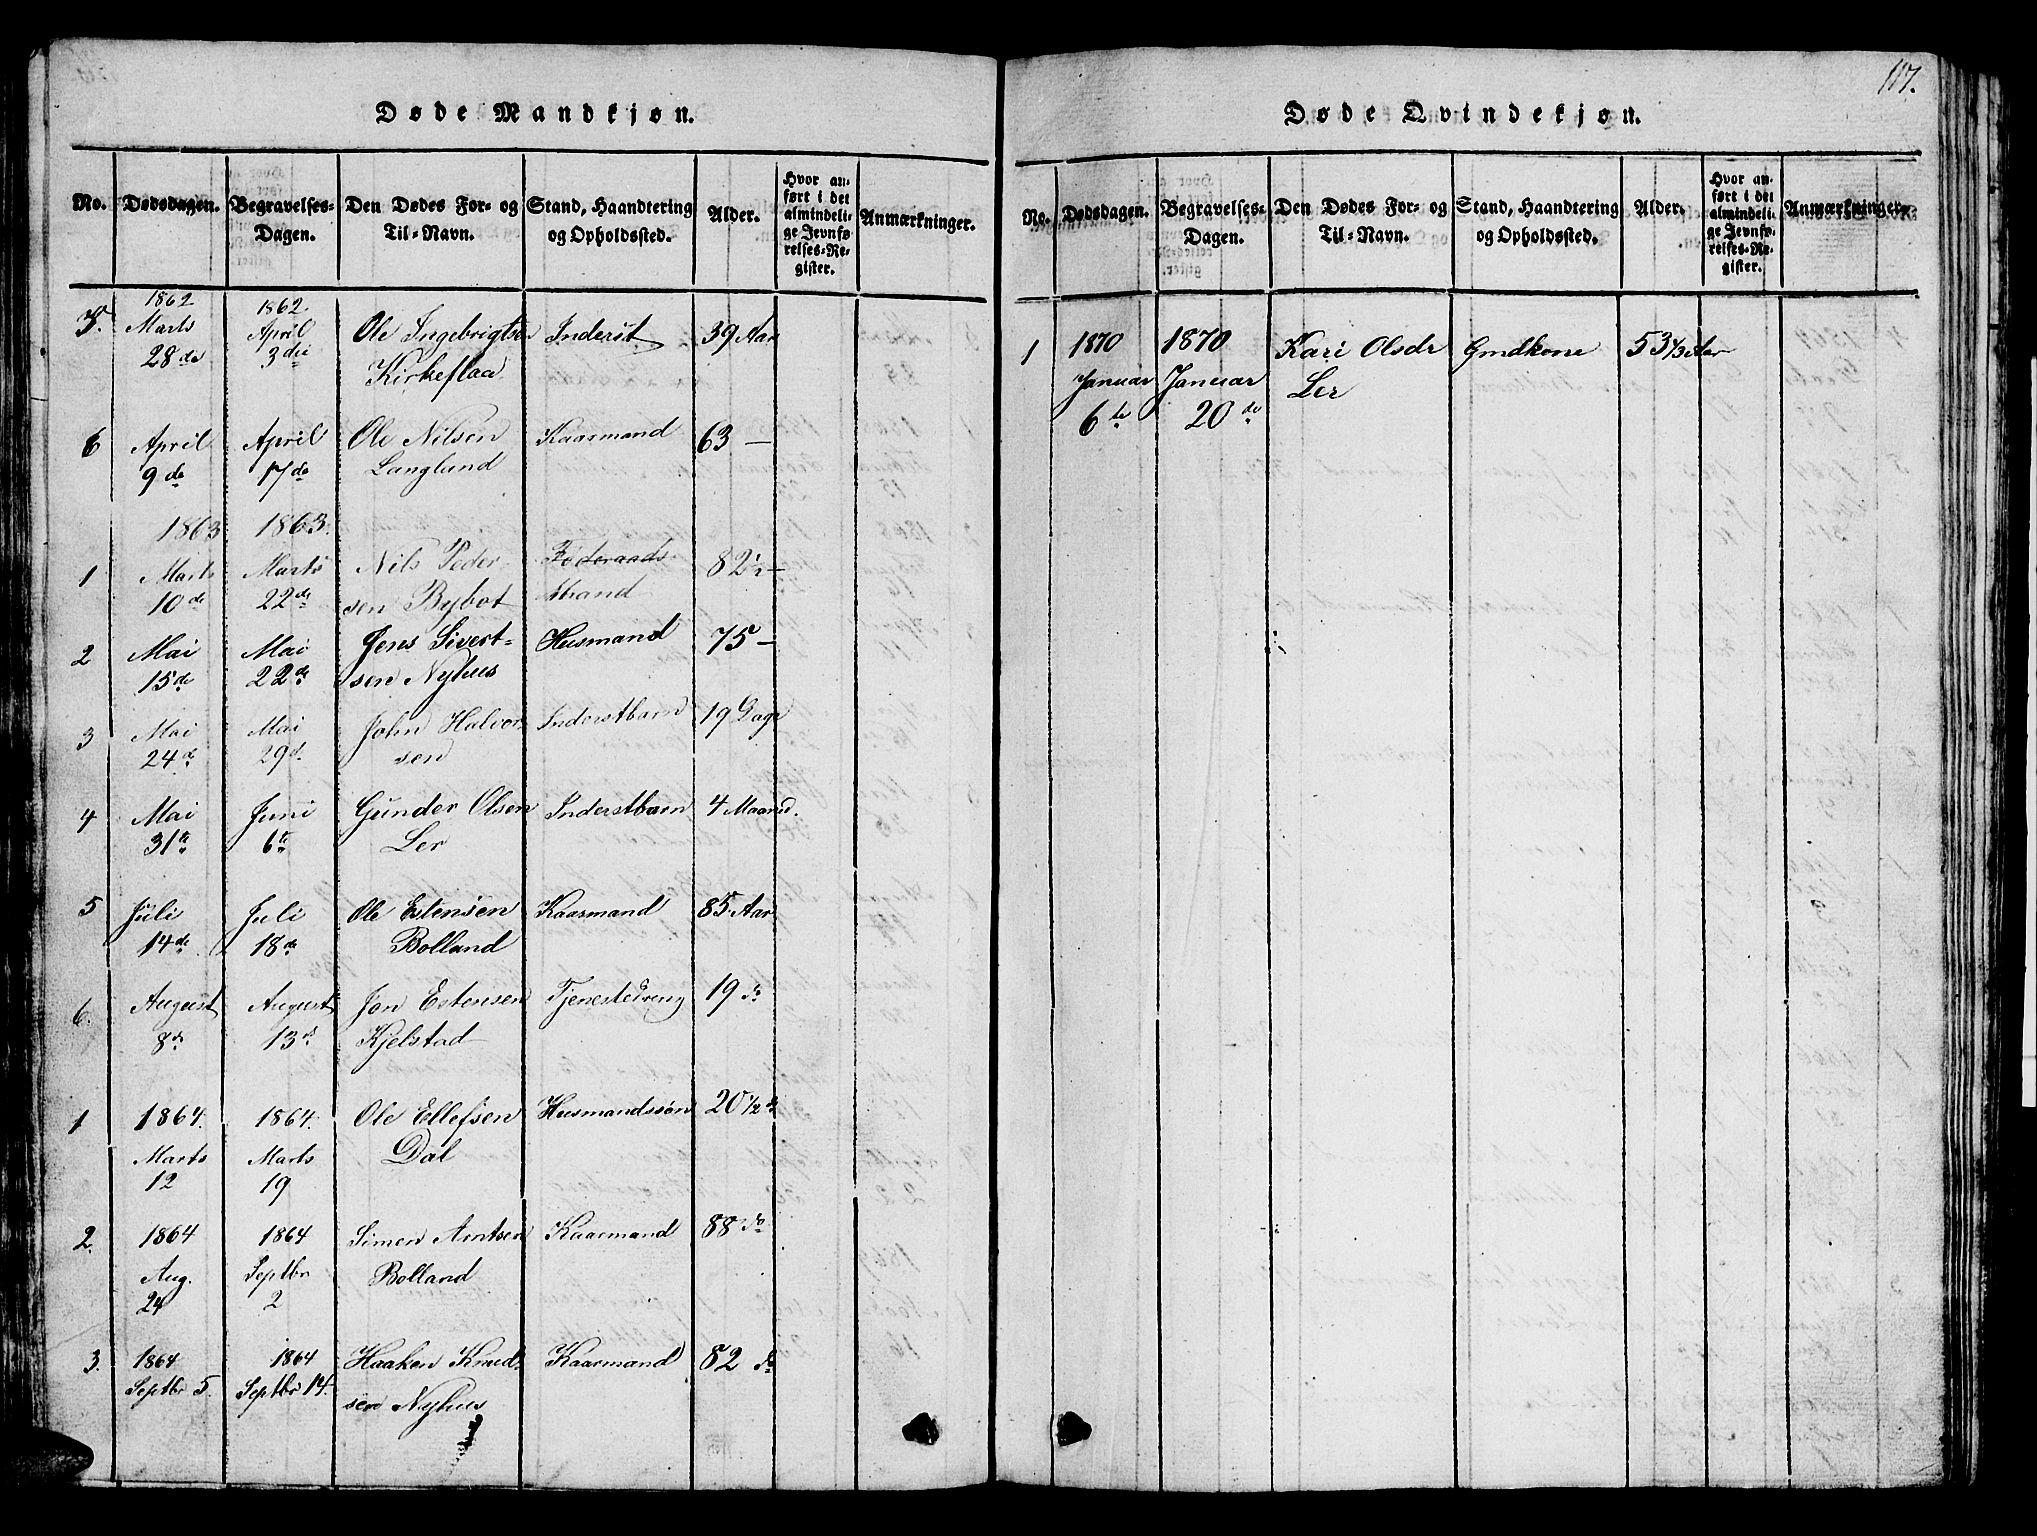 SAT, Ministerialprotokoller, klokkerbøker og fødselsregistre - Sør-Trøndelag, 693/L1121: Klokkerbok nr. 693C02, 1816-1869, s. 117